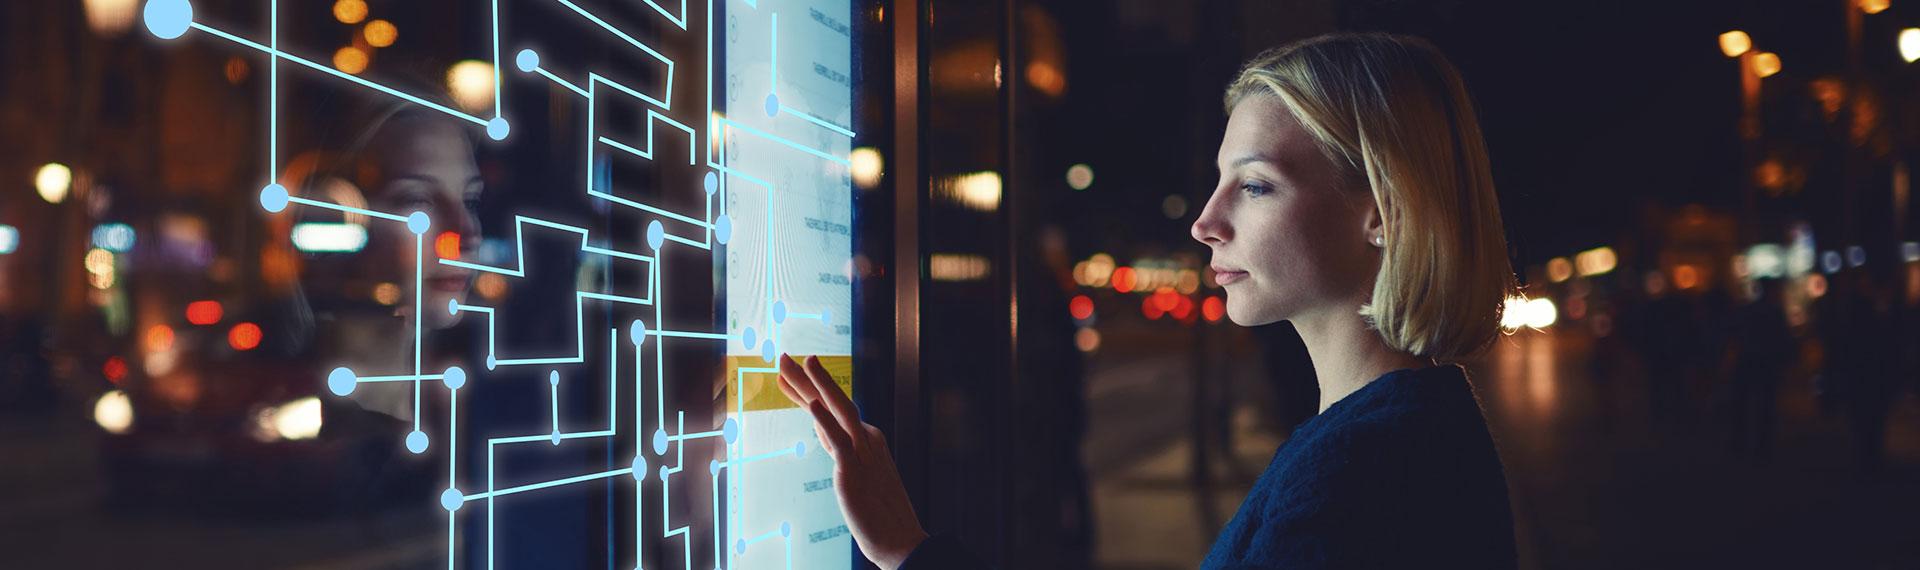 Kenali Tren Inovasi Digital Signage yang Digunakan Acer